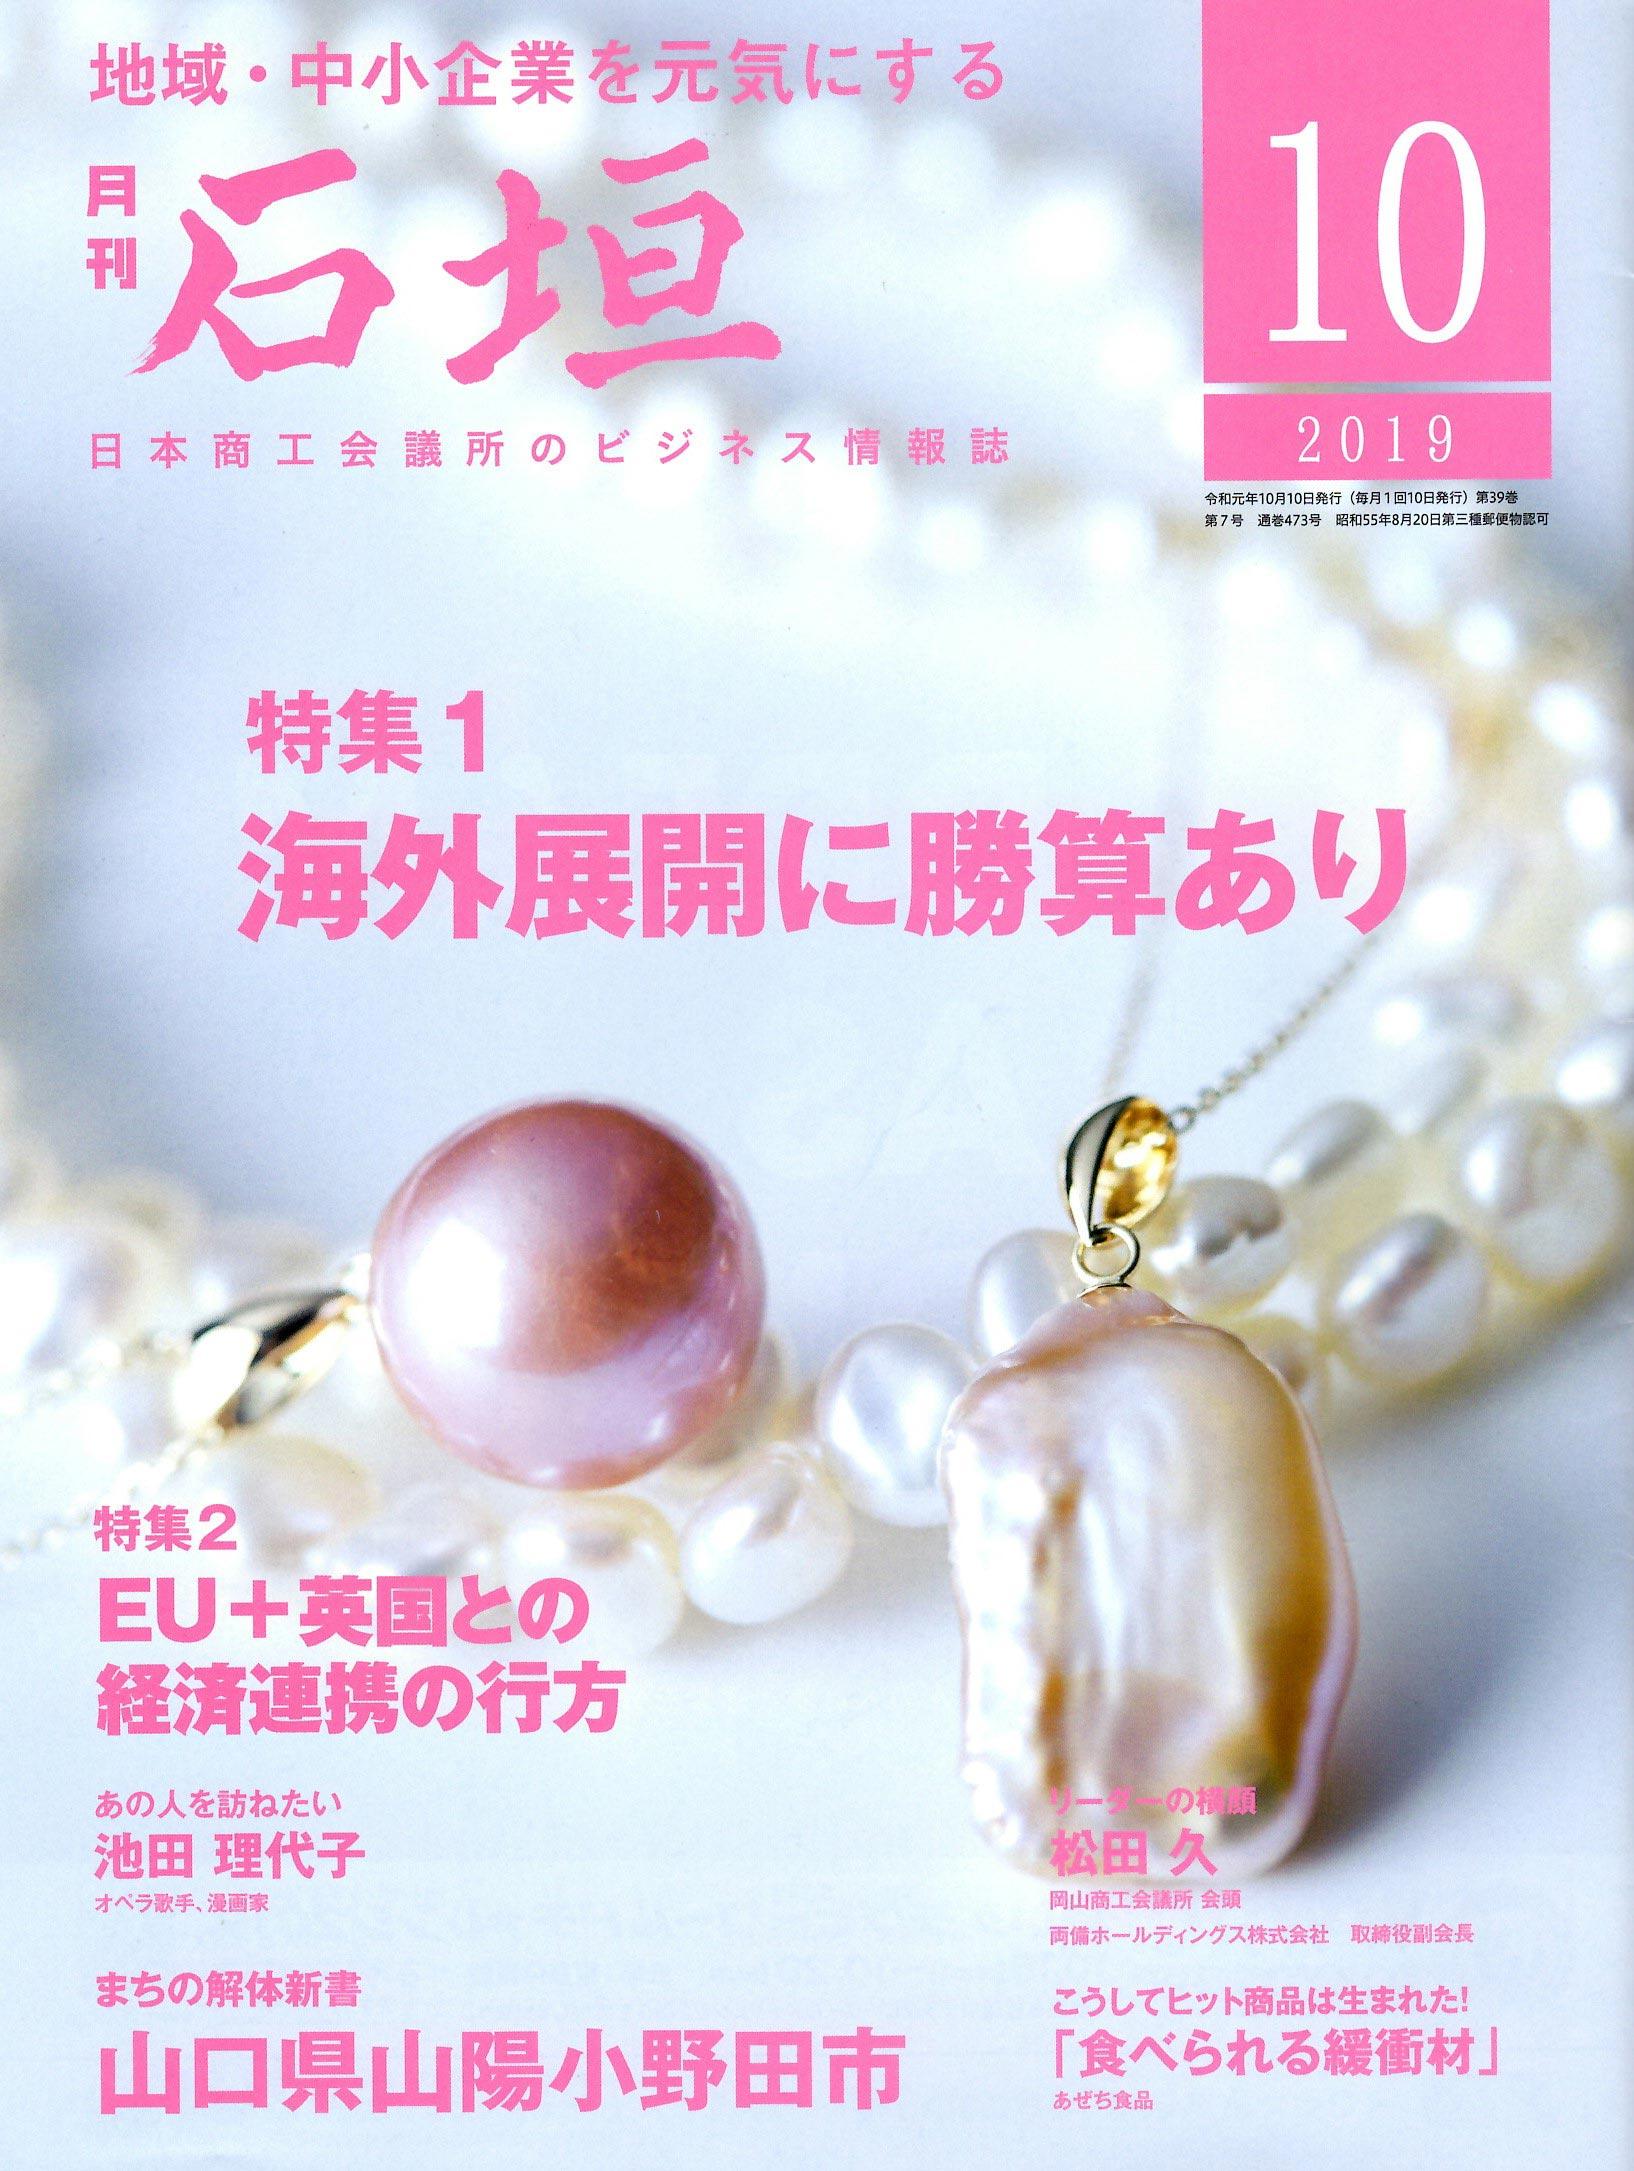 【石垣】2019年10月1日発行